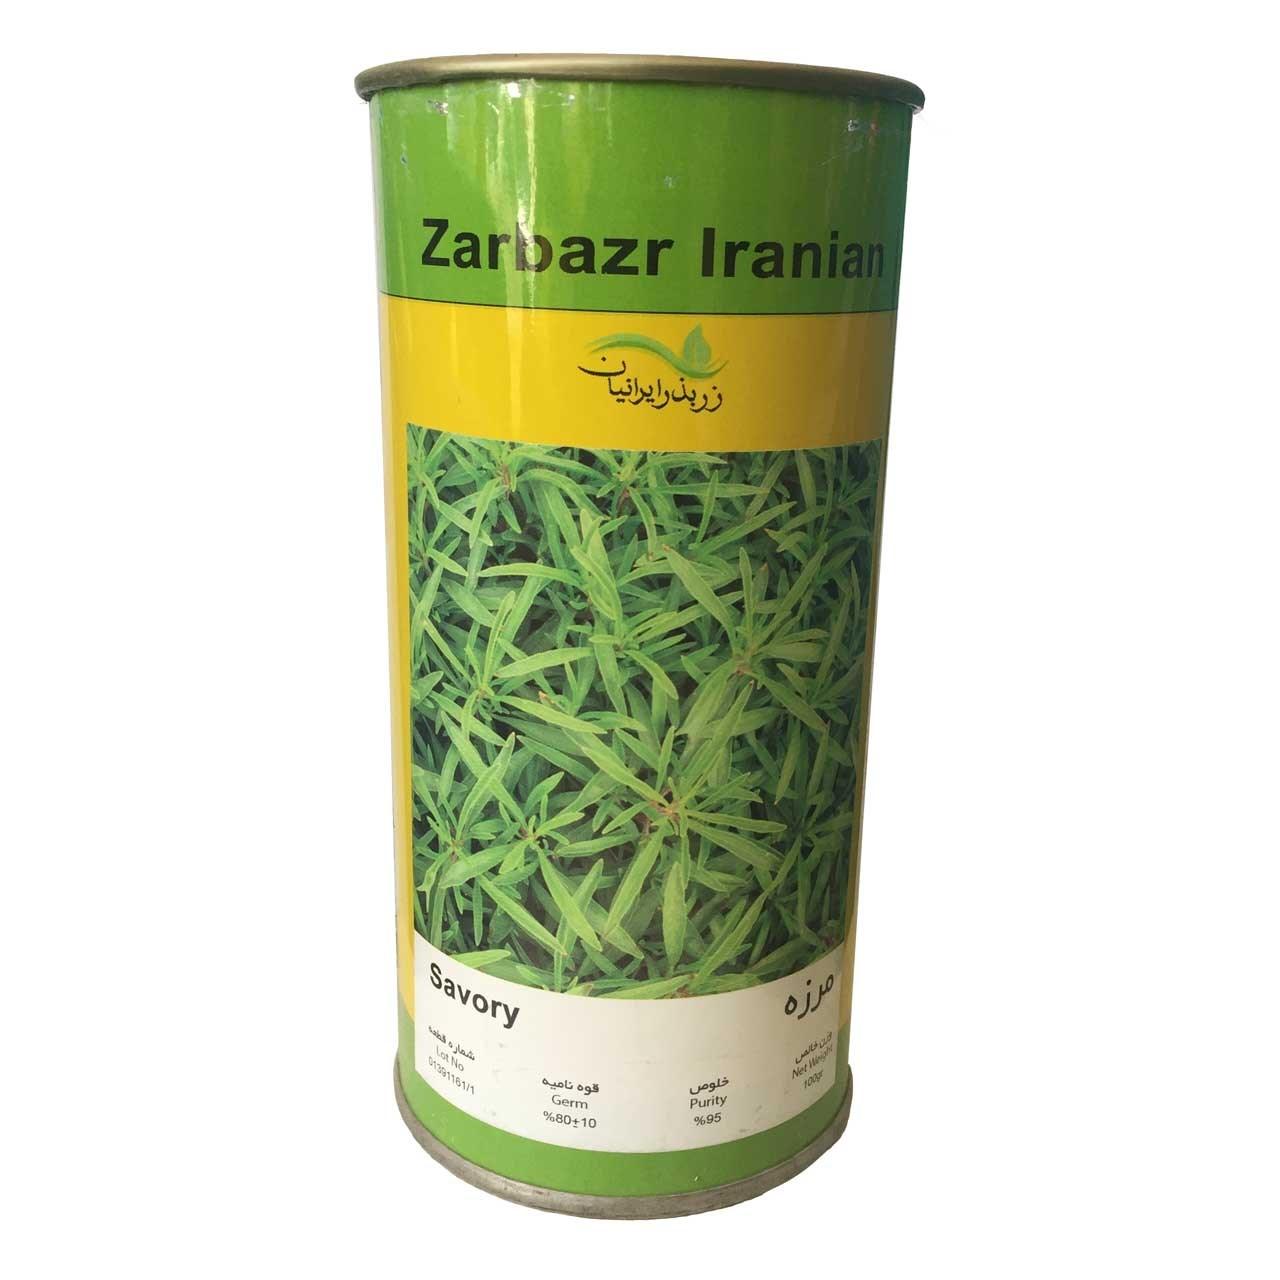 بذر مرزه زر بذر ایرانیان قوطی 100 گرمی کد GH100g-09